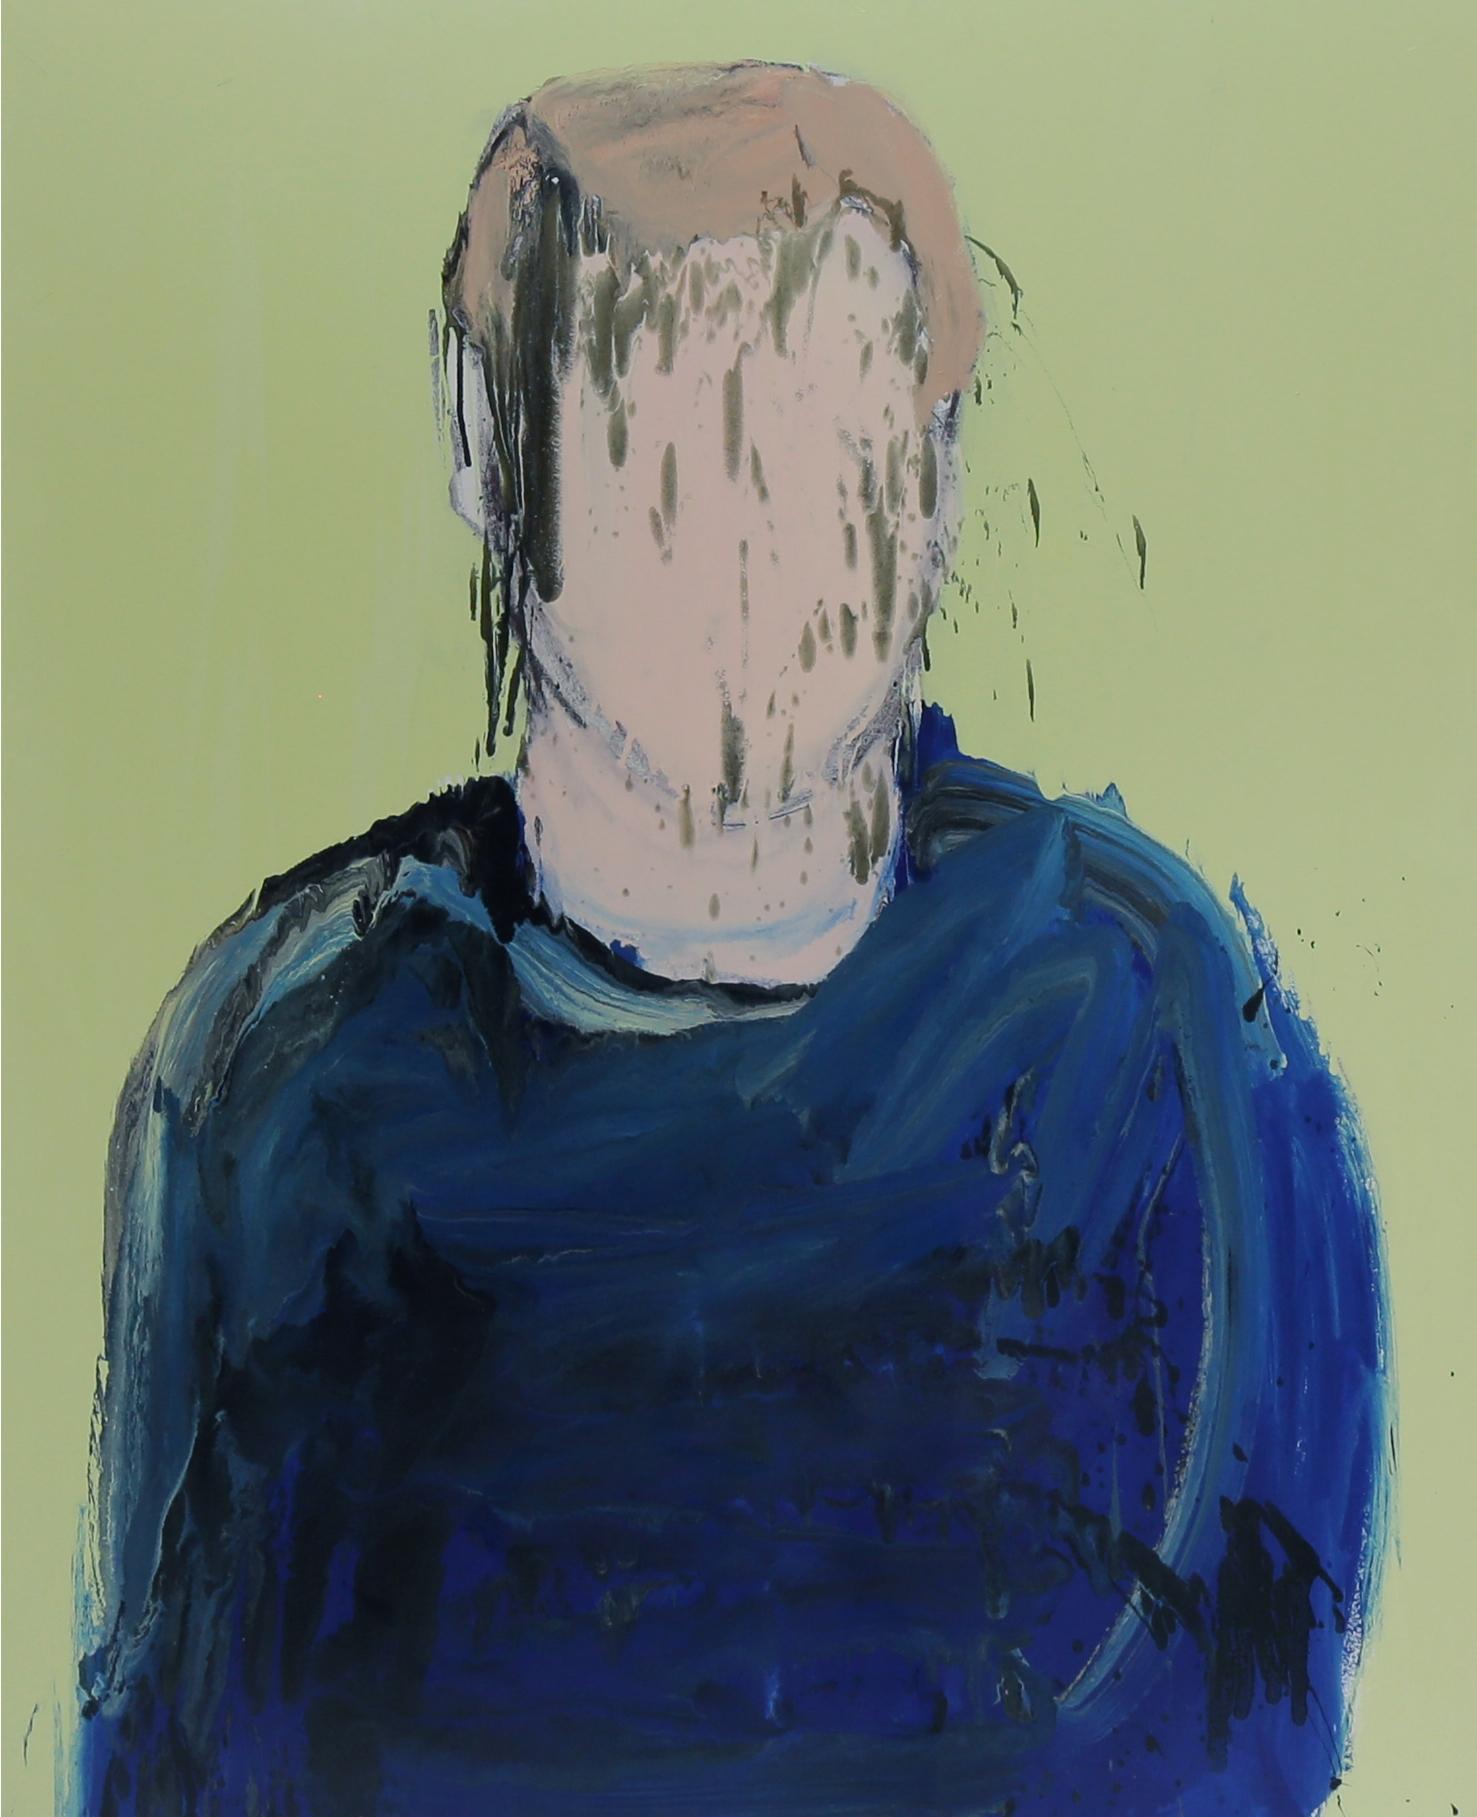 Rabi, 2016, enamel paint on canvas, 137 x 107 cm